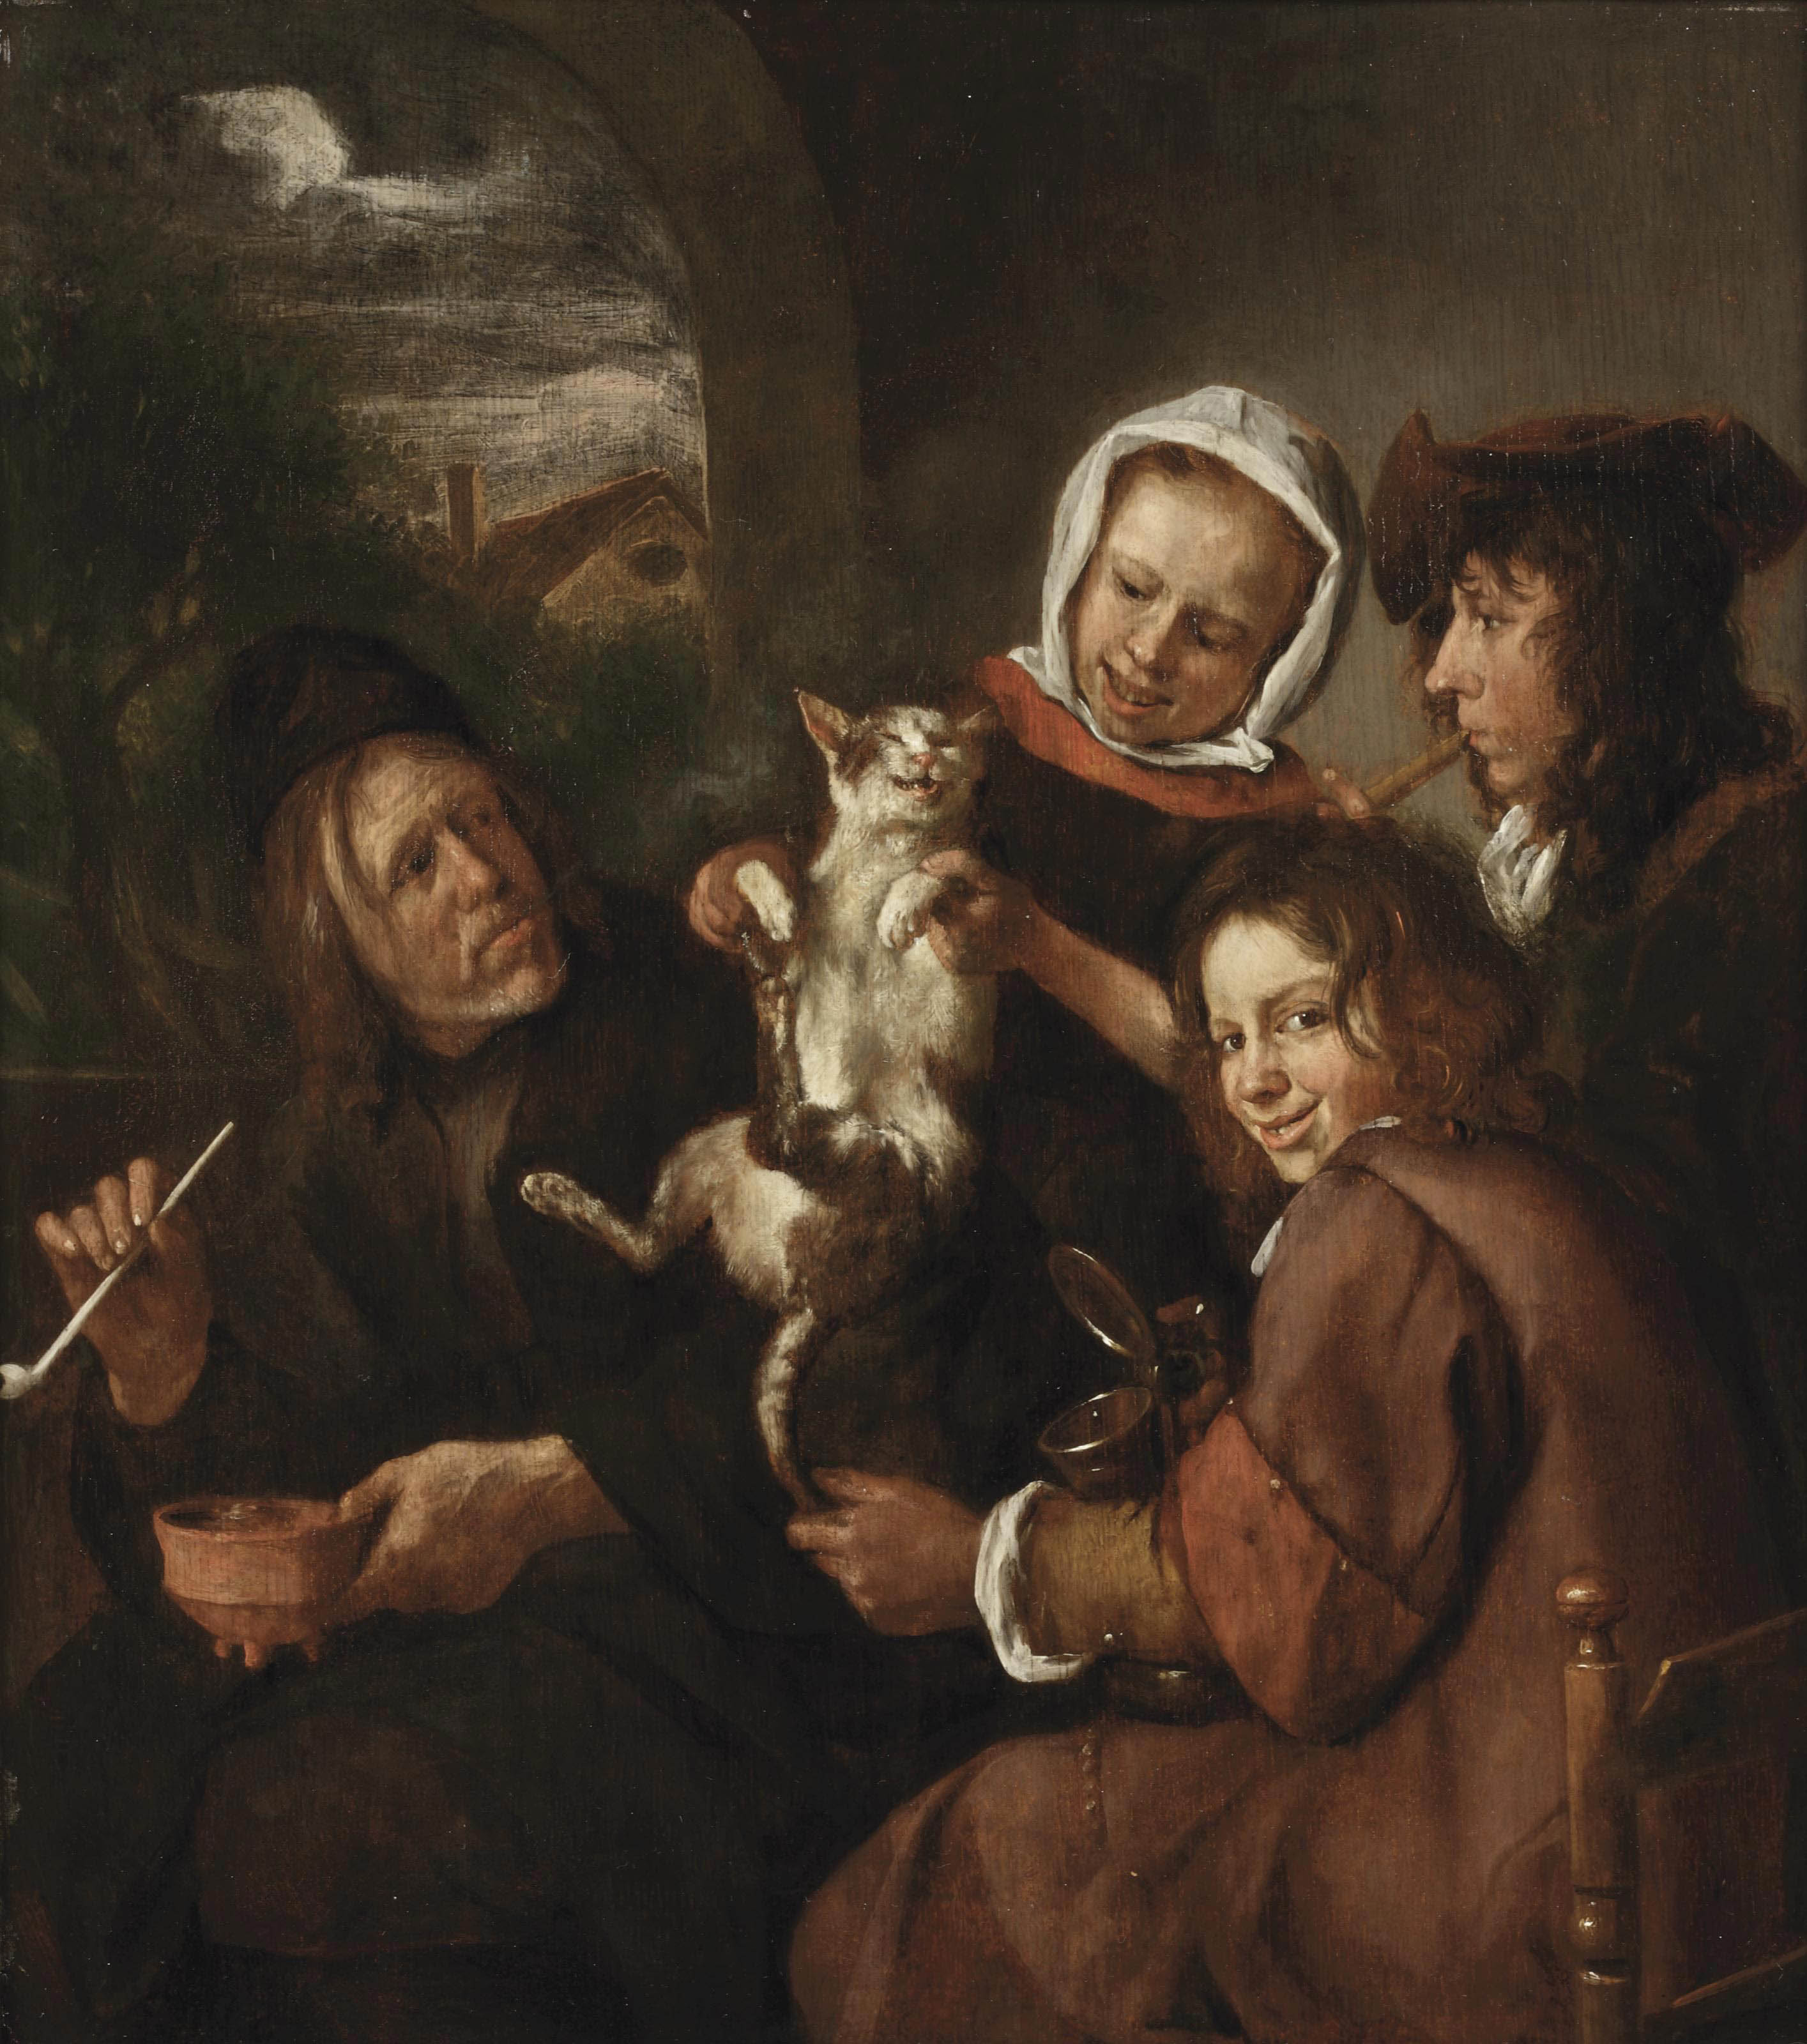 Children teasing a cat